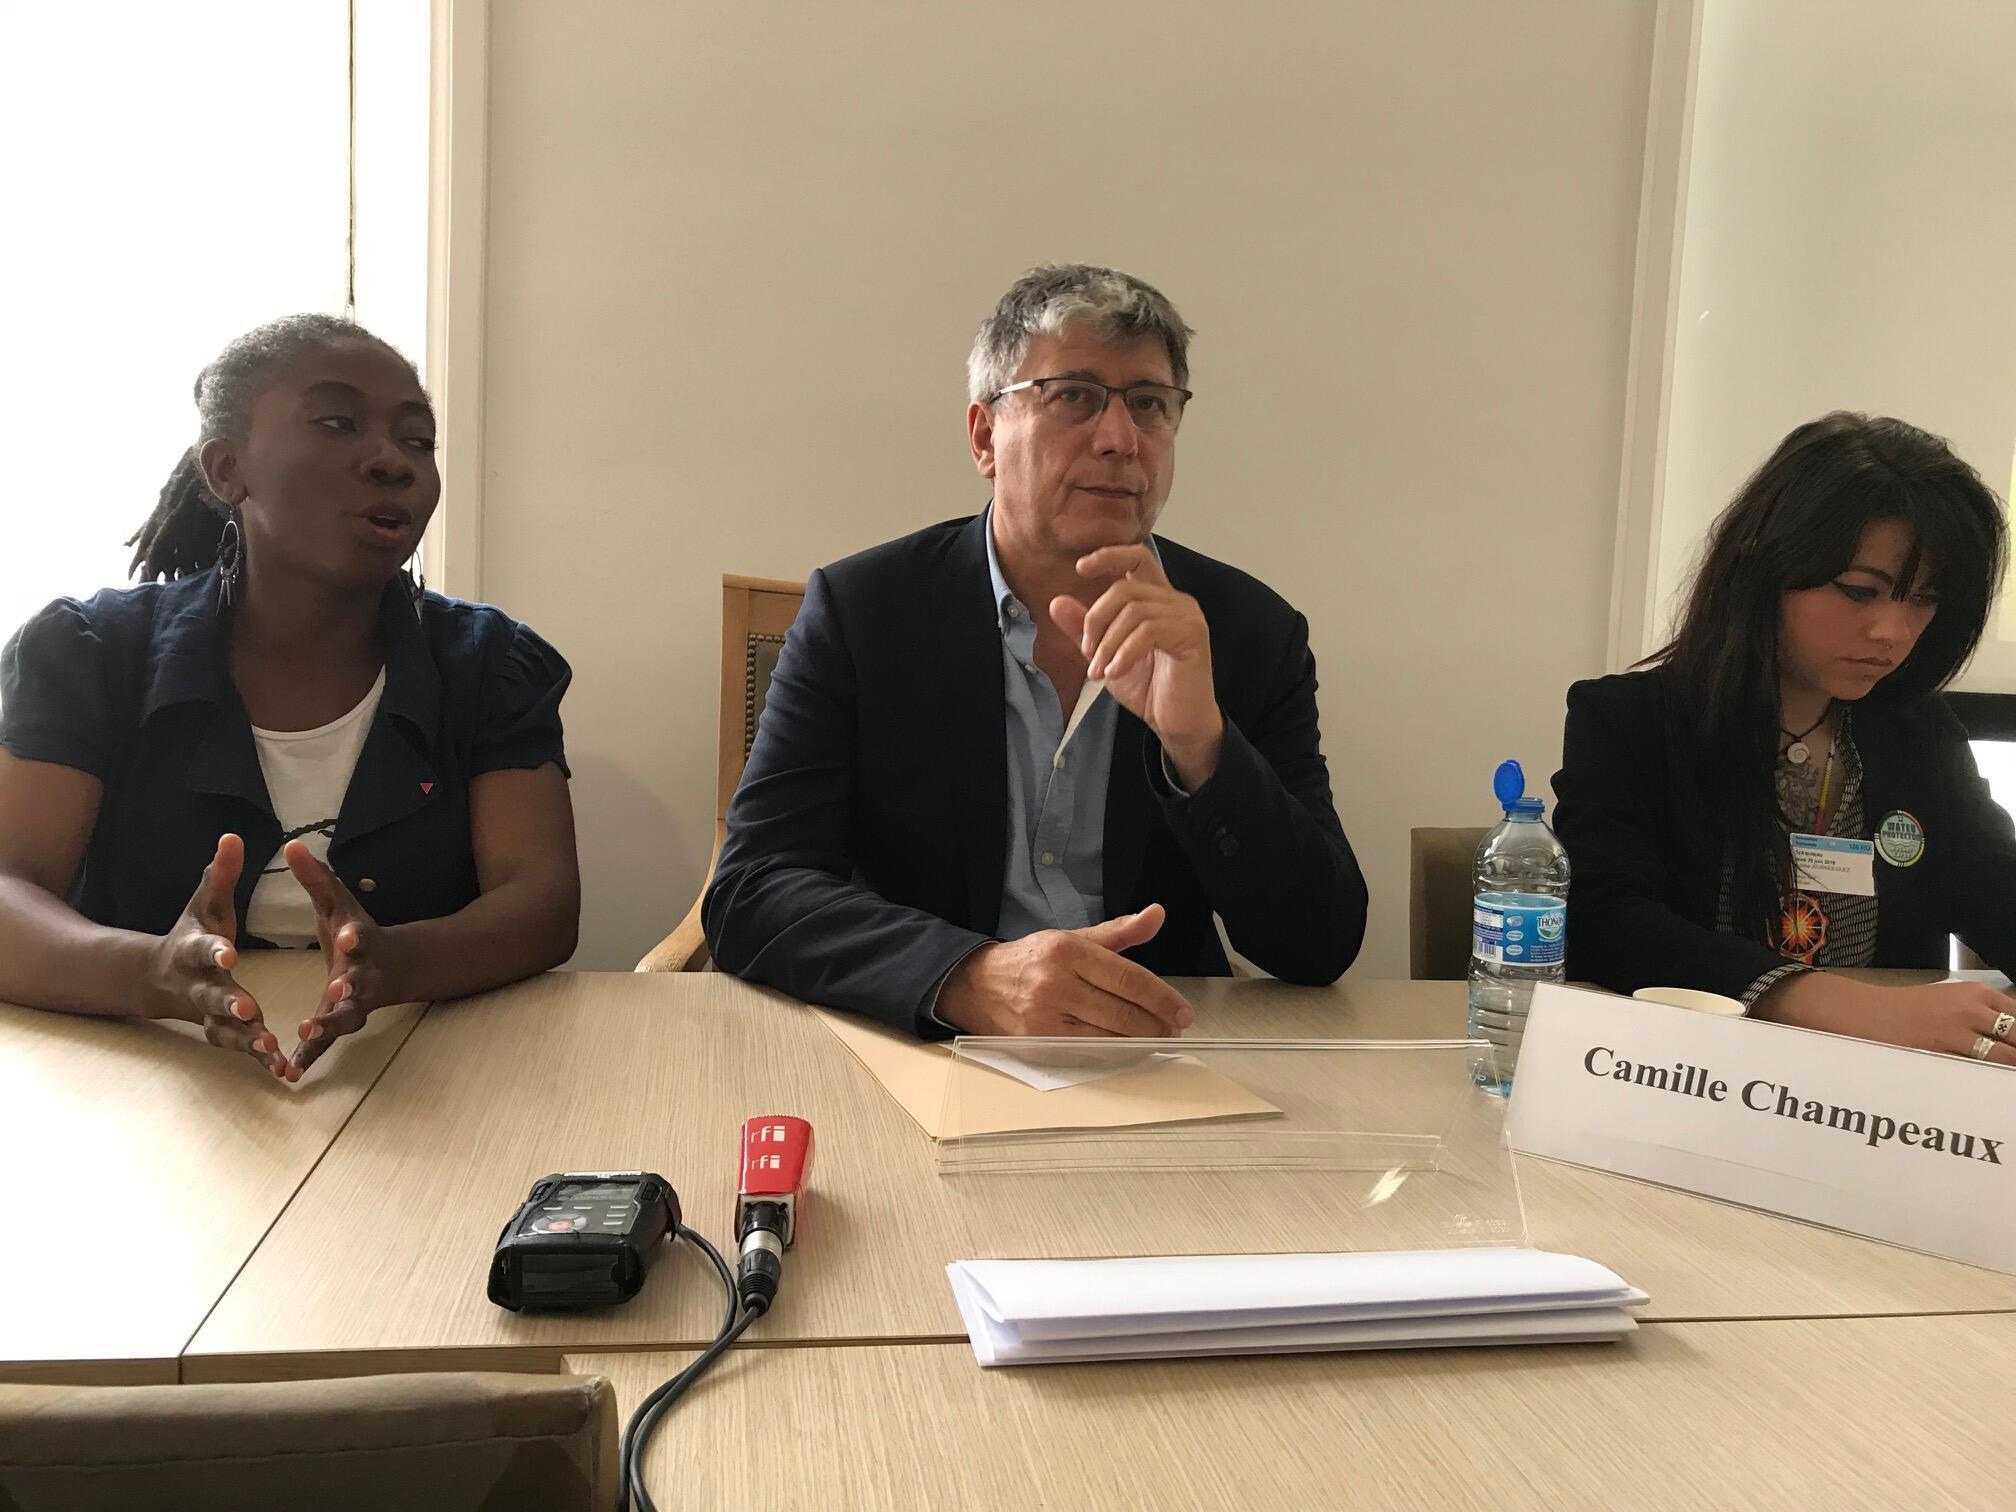 Os deputados franceses Danielle Obono e Eric Coquerel (à esquerda) e a ativista Aurélie Journée-Duez